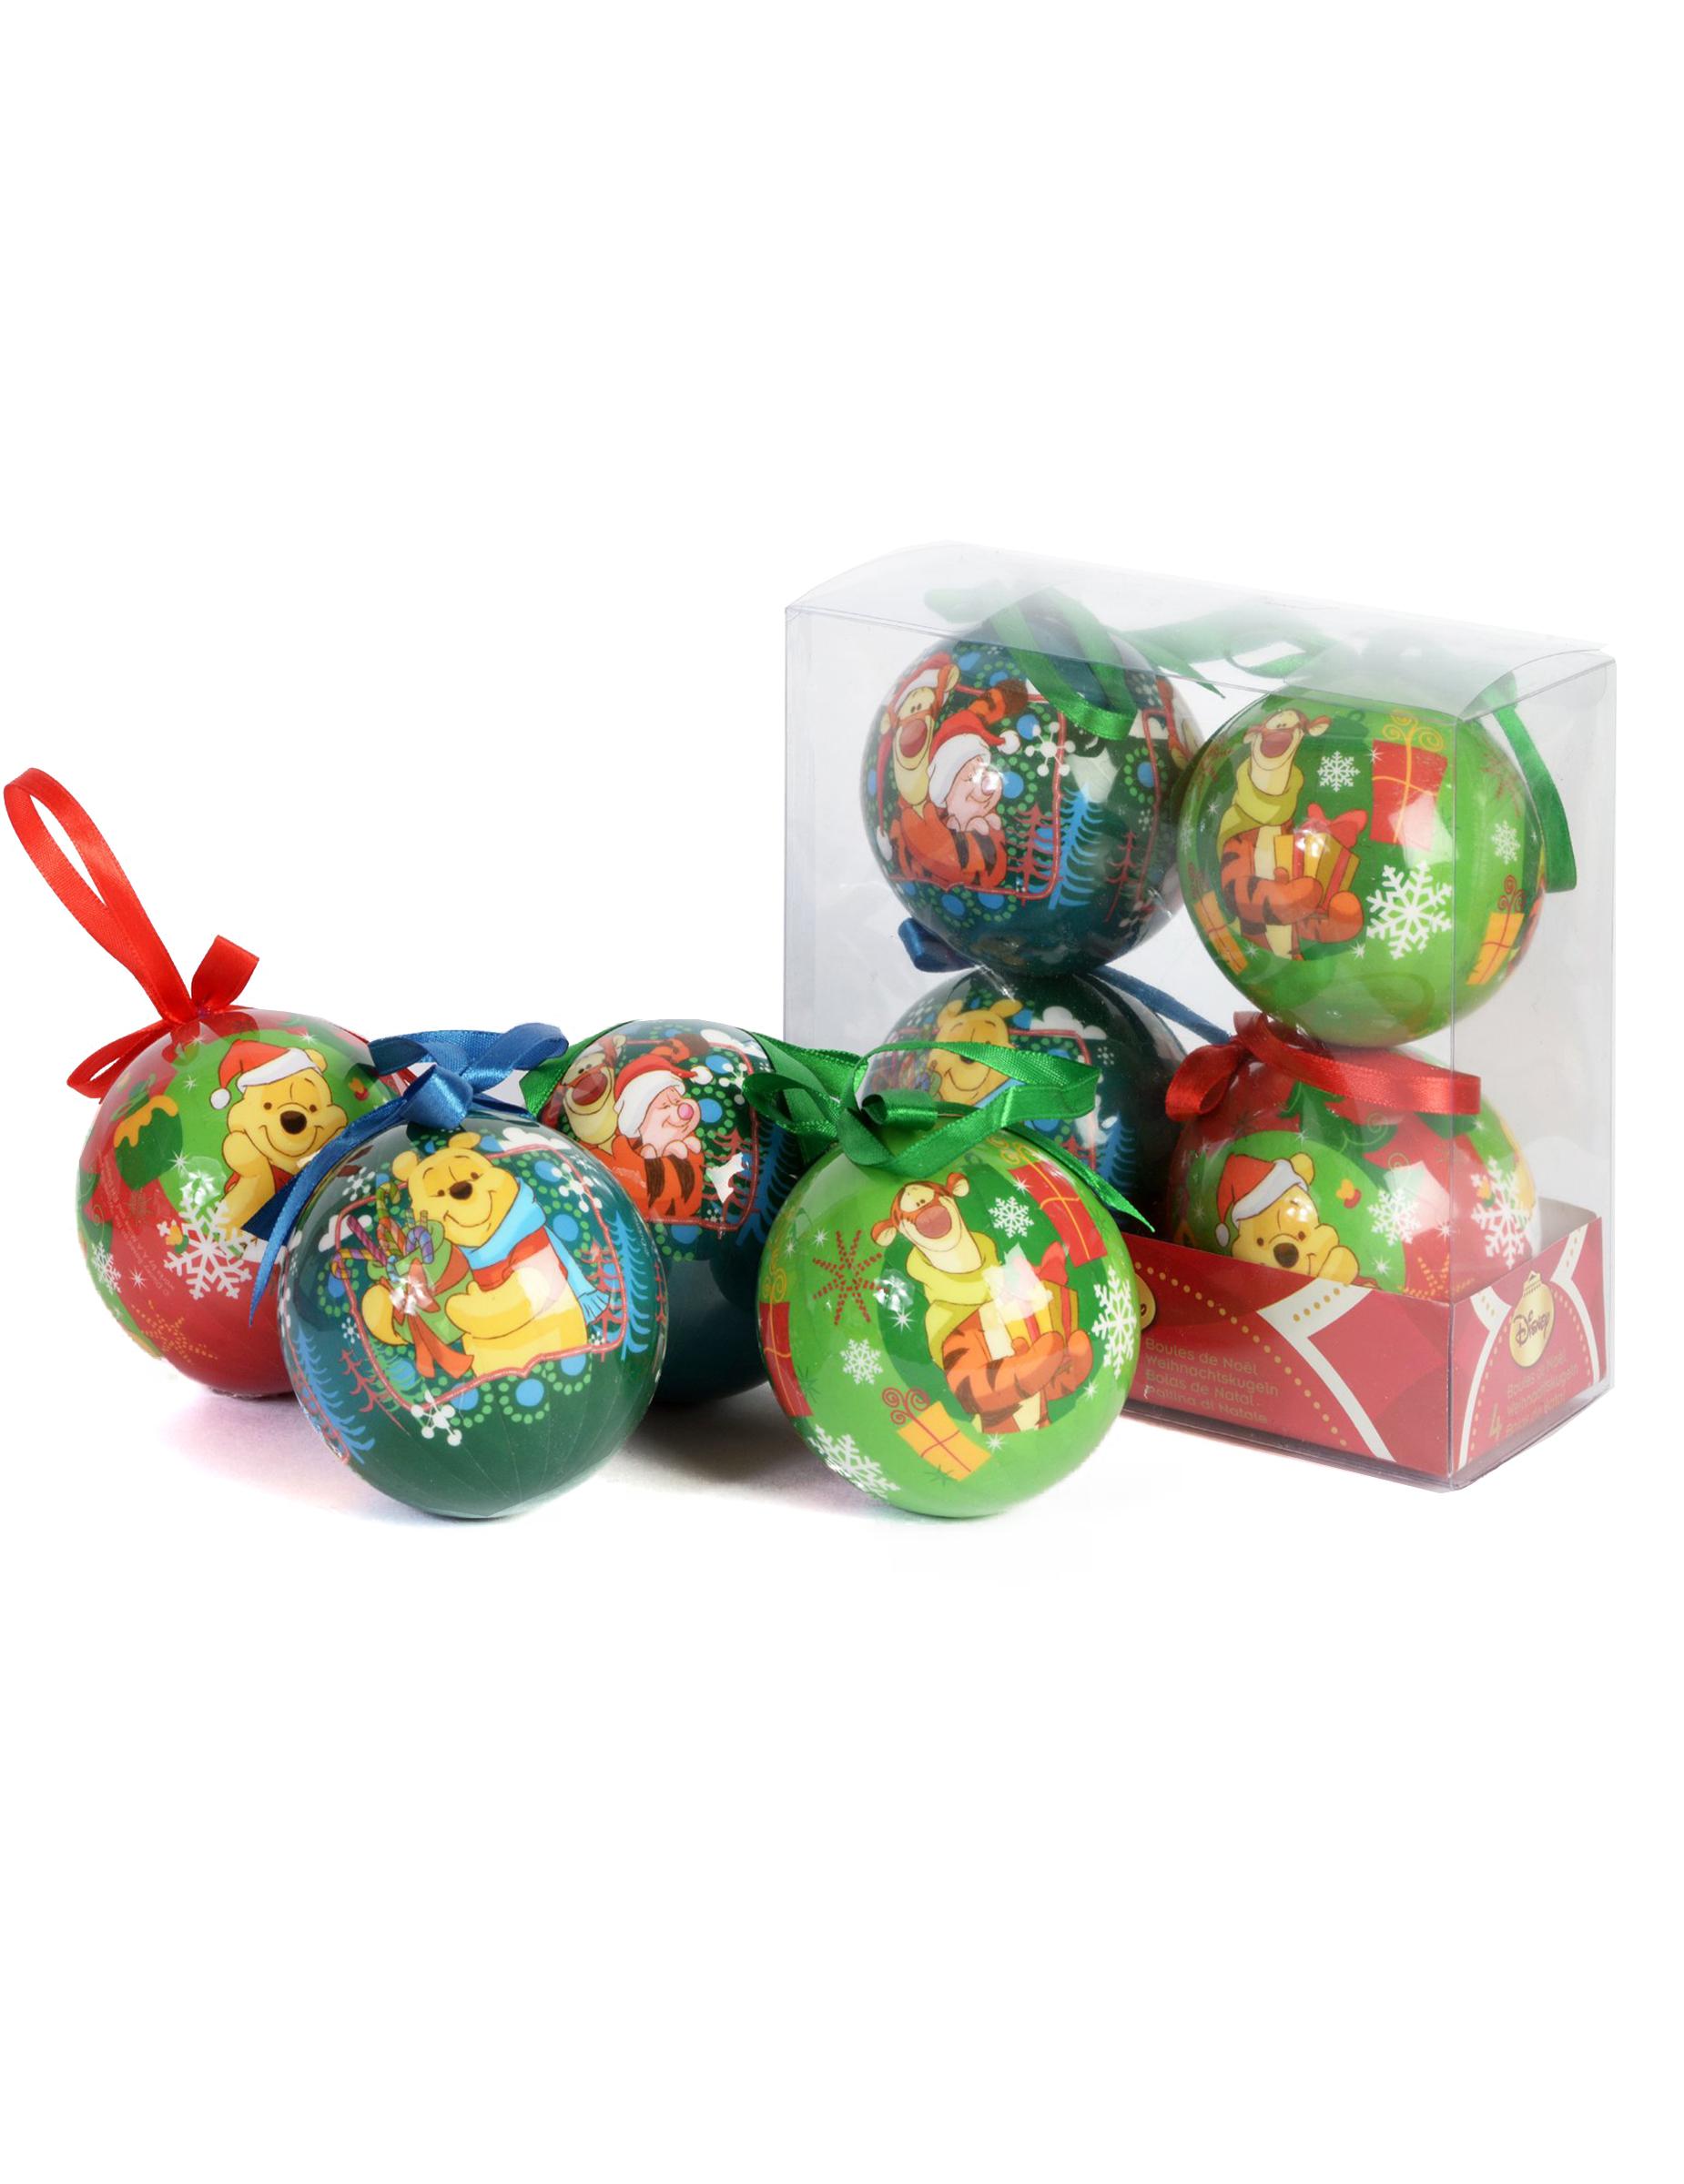 Christbaumkugeln Set Bunt.Winnie Puh Weihnachtskugeln Set 4 Stück Bunt 7 5cm